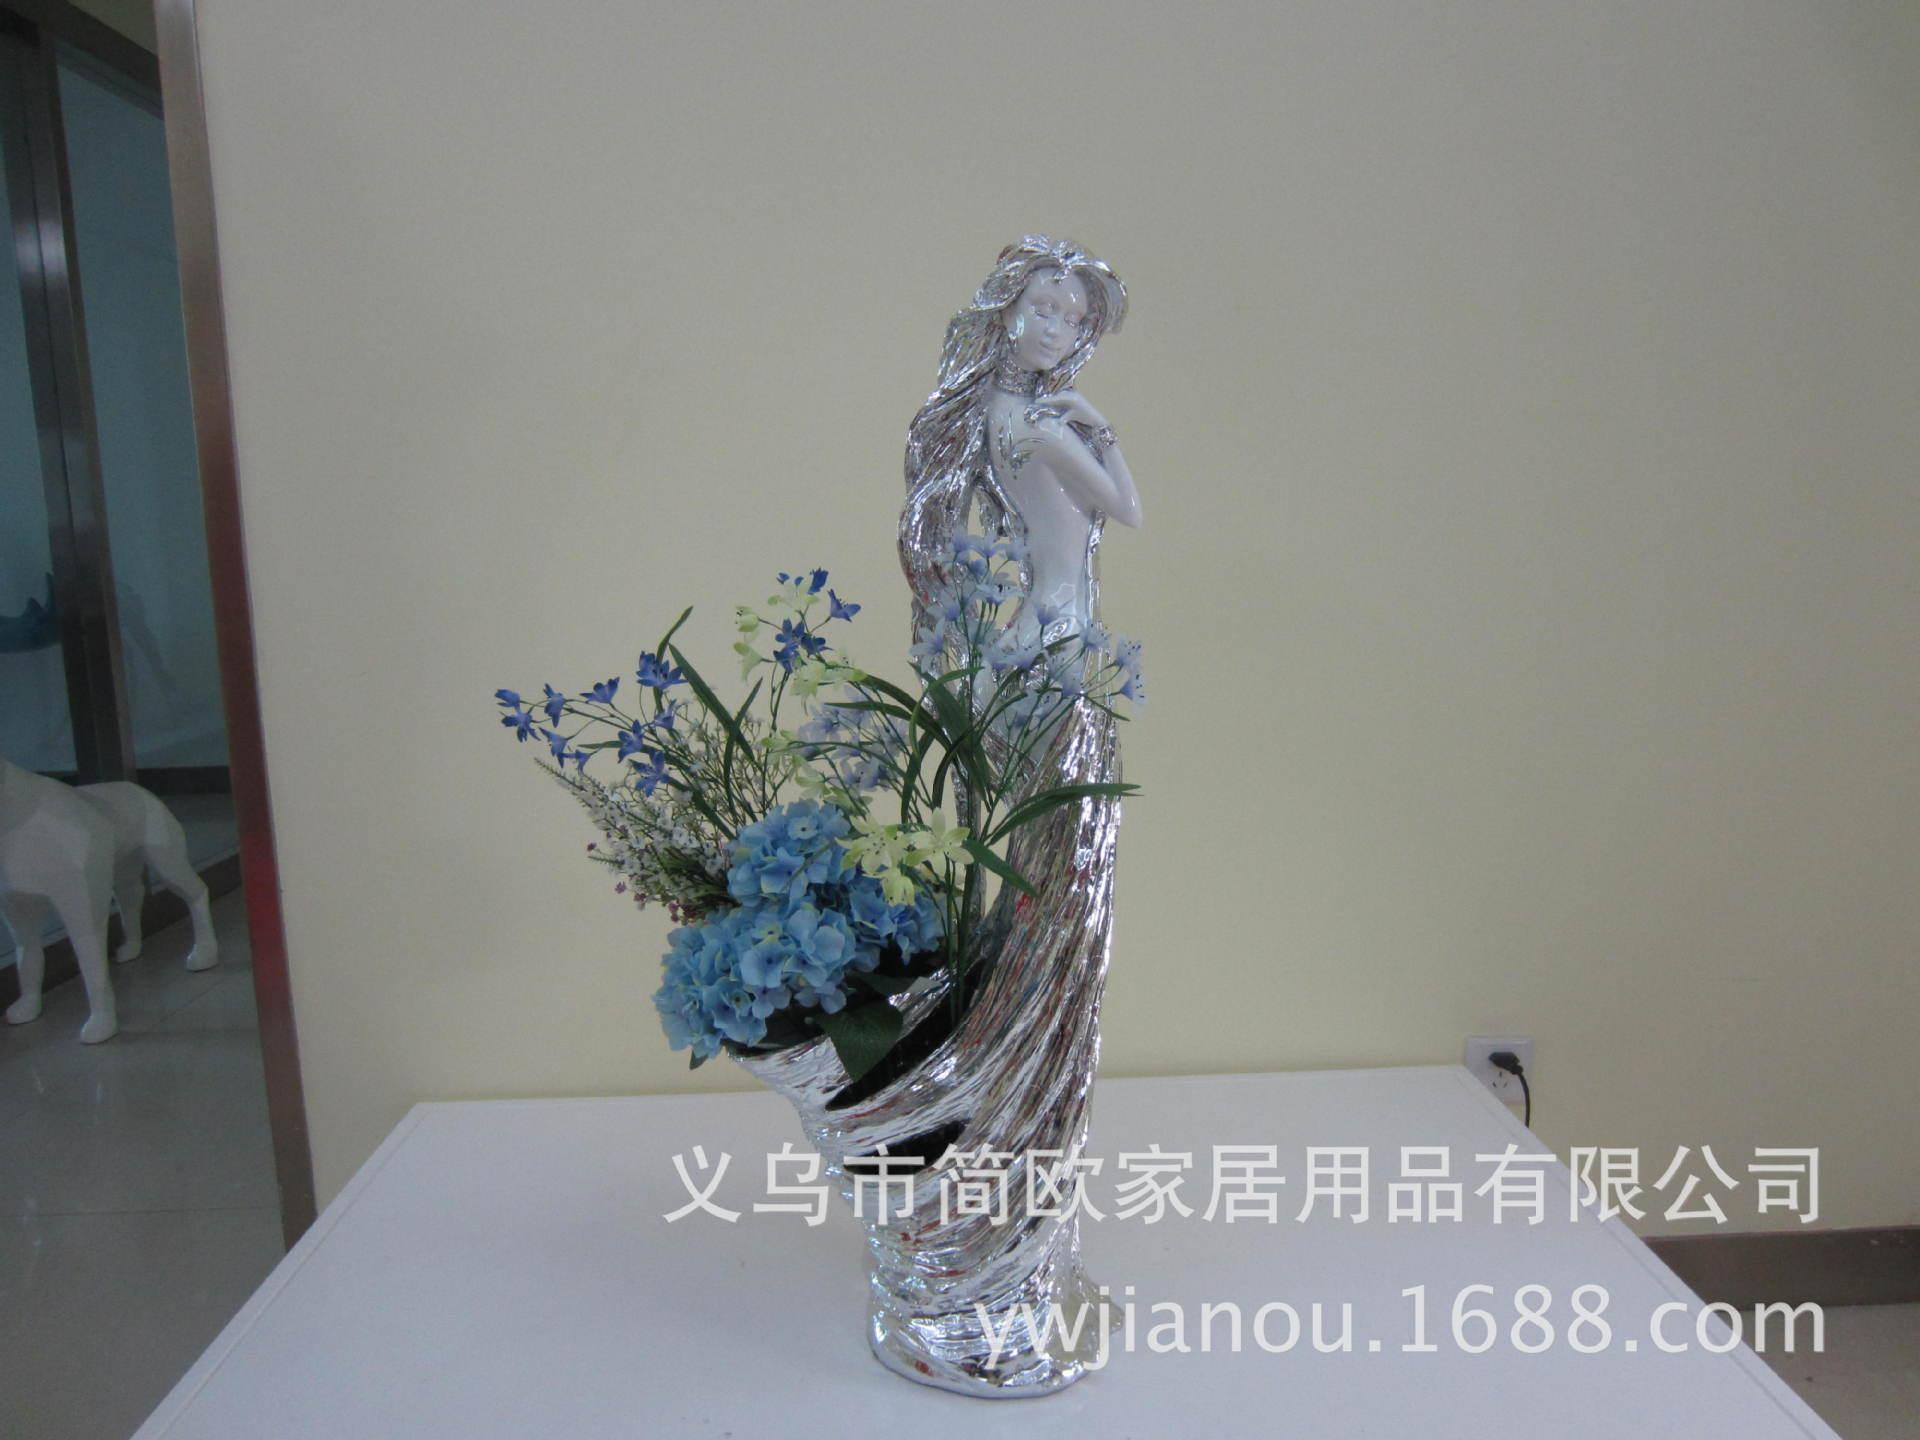 蝶女花篮 高档家居饰品摆件 树 -塑料 树脂工艺品 中国黄页图片